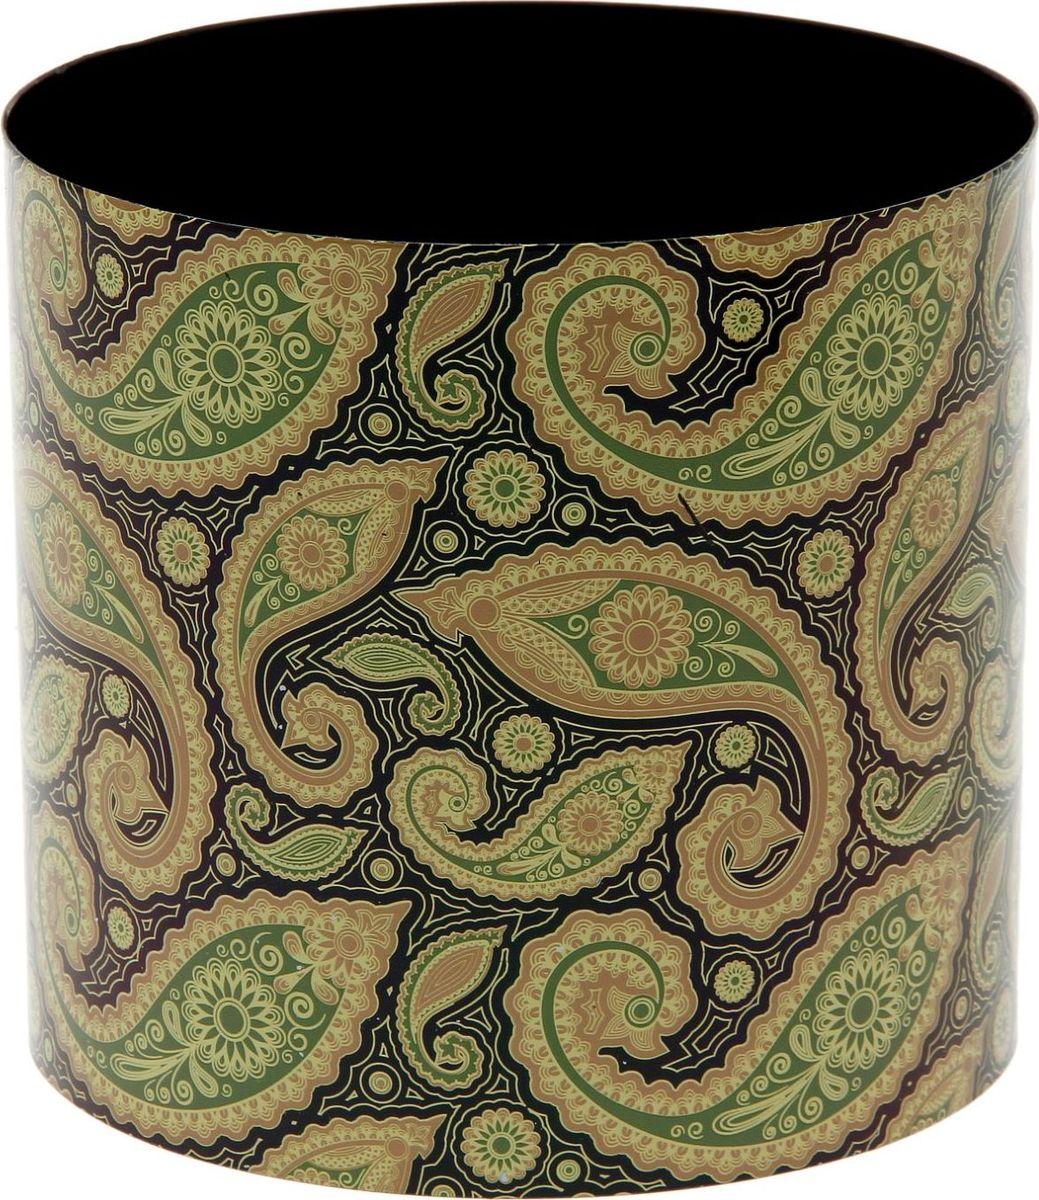 Горшок для цветов Simple Garden Огурцы, со скрытым поддоном, 5,1 л1915352Любой, даже самый современный и продуманный интерьер будет незавершённым без растений. Они не только очищают воздух и насыщают его кислородом, но и заметно украшают окружающее пространство. Такому полезному члену семьи просто необходимо красивое и функциональное кашпо, оригинальный горшок или необычная ваза!Горшок для цветов Simple Garden Огурцы предназначен для выращивания цветов, растений и трав. Он порадует вас функциональностью, а также украсит интерьер помещения.Объем горшка: 5,1 л.